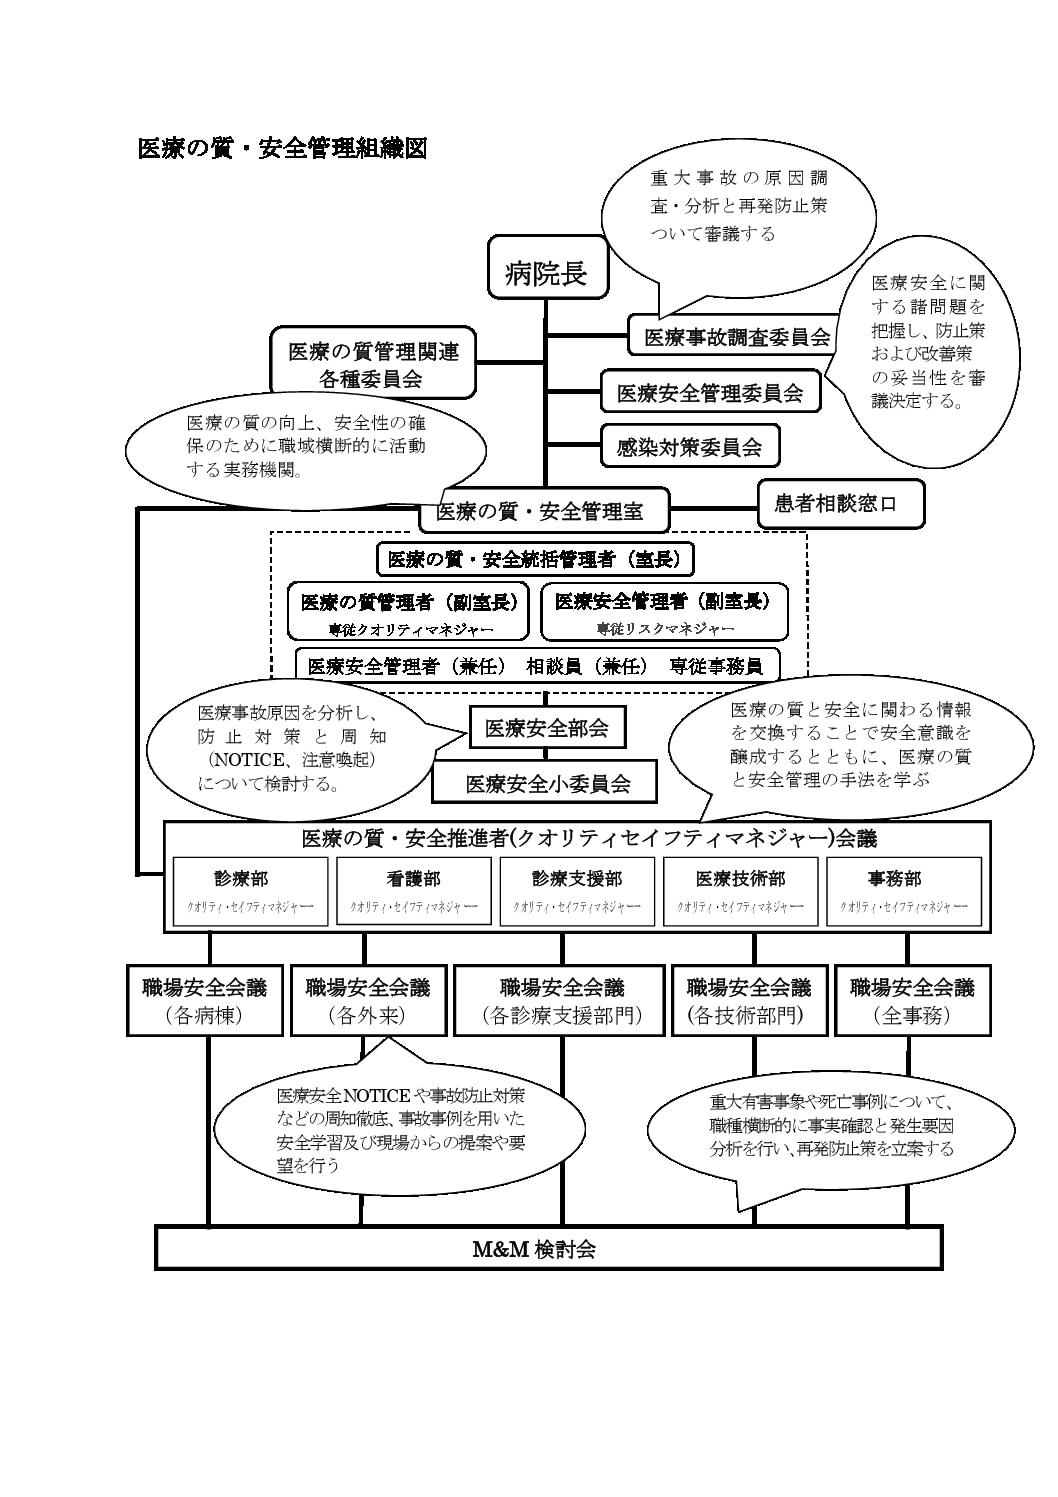 医療の質・安全管理組織図